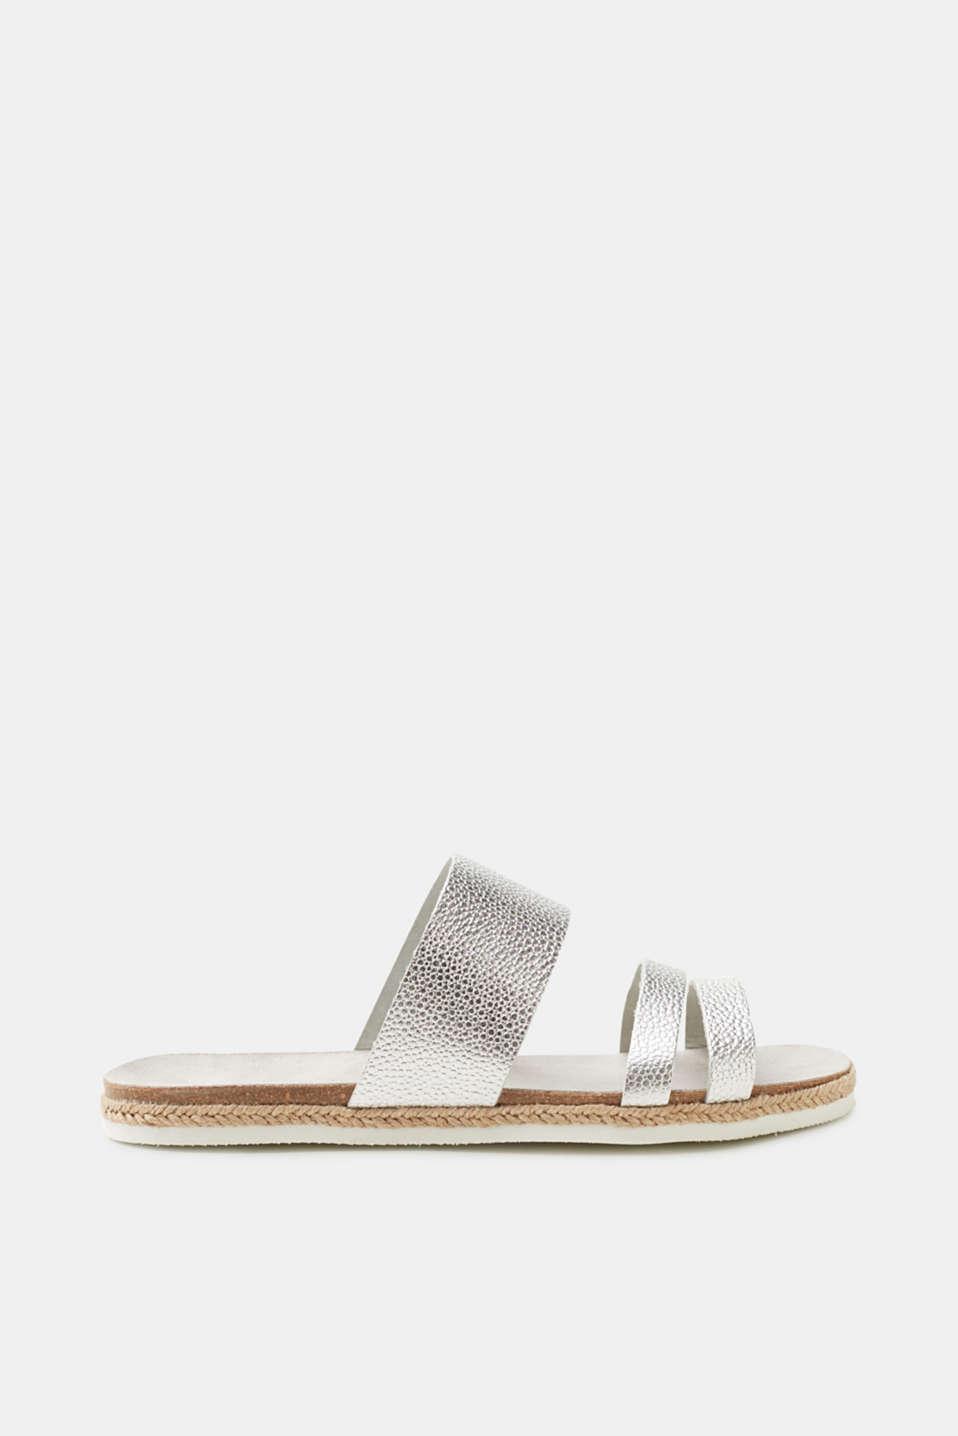 Esprit Plateau-Sandale im trendigen Metallic-Look für Damen, Größe 41, Silver